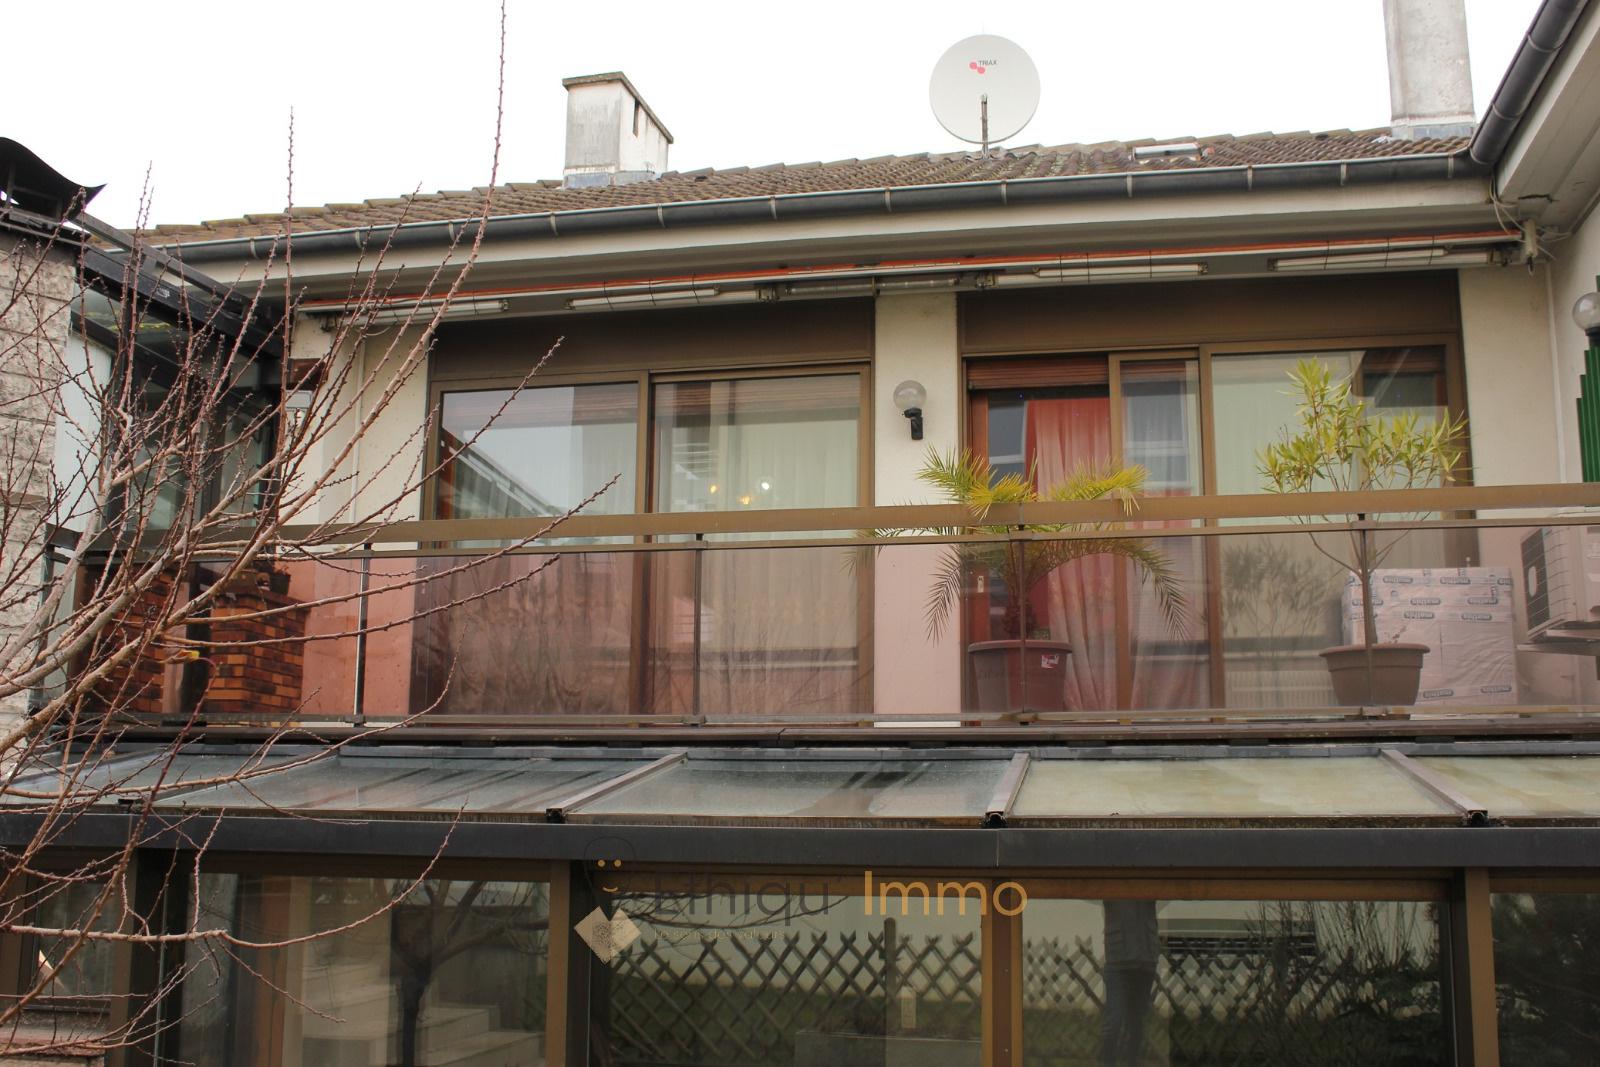 Vente 160m dans maison bourgeoise combles am nageables for Garage strasbourg neudorf